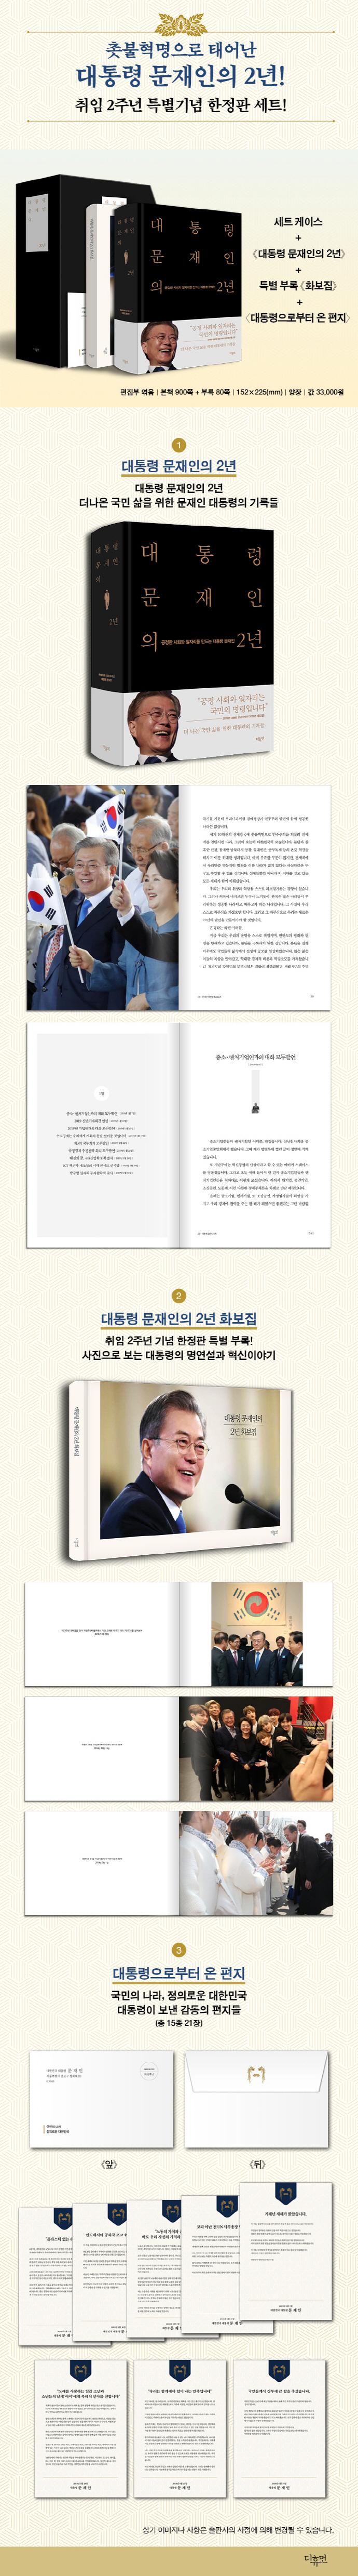 대통령 문재인의 2년(양장본 HardCover)(전2권) 도서 상세이미지